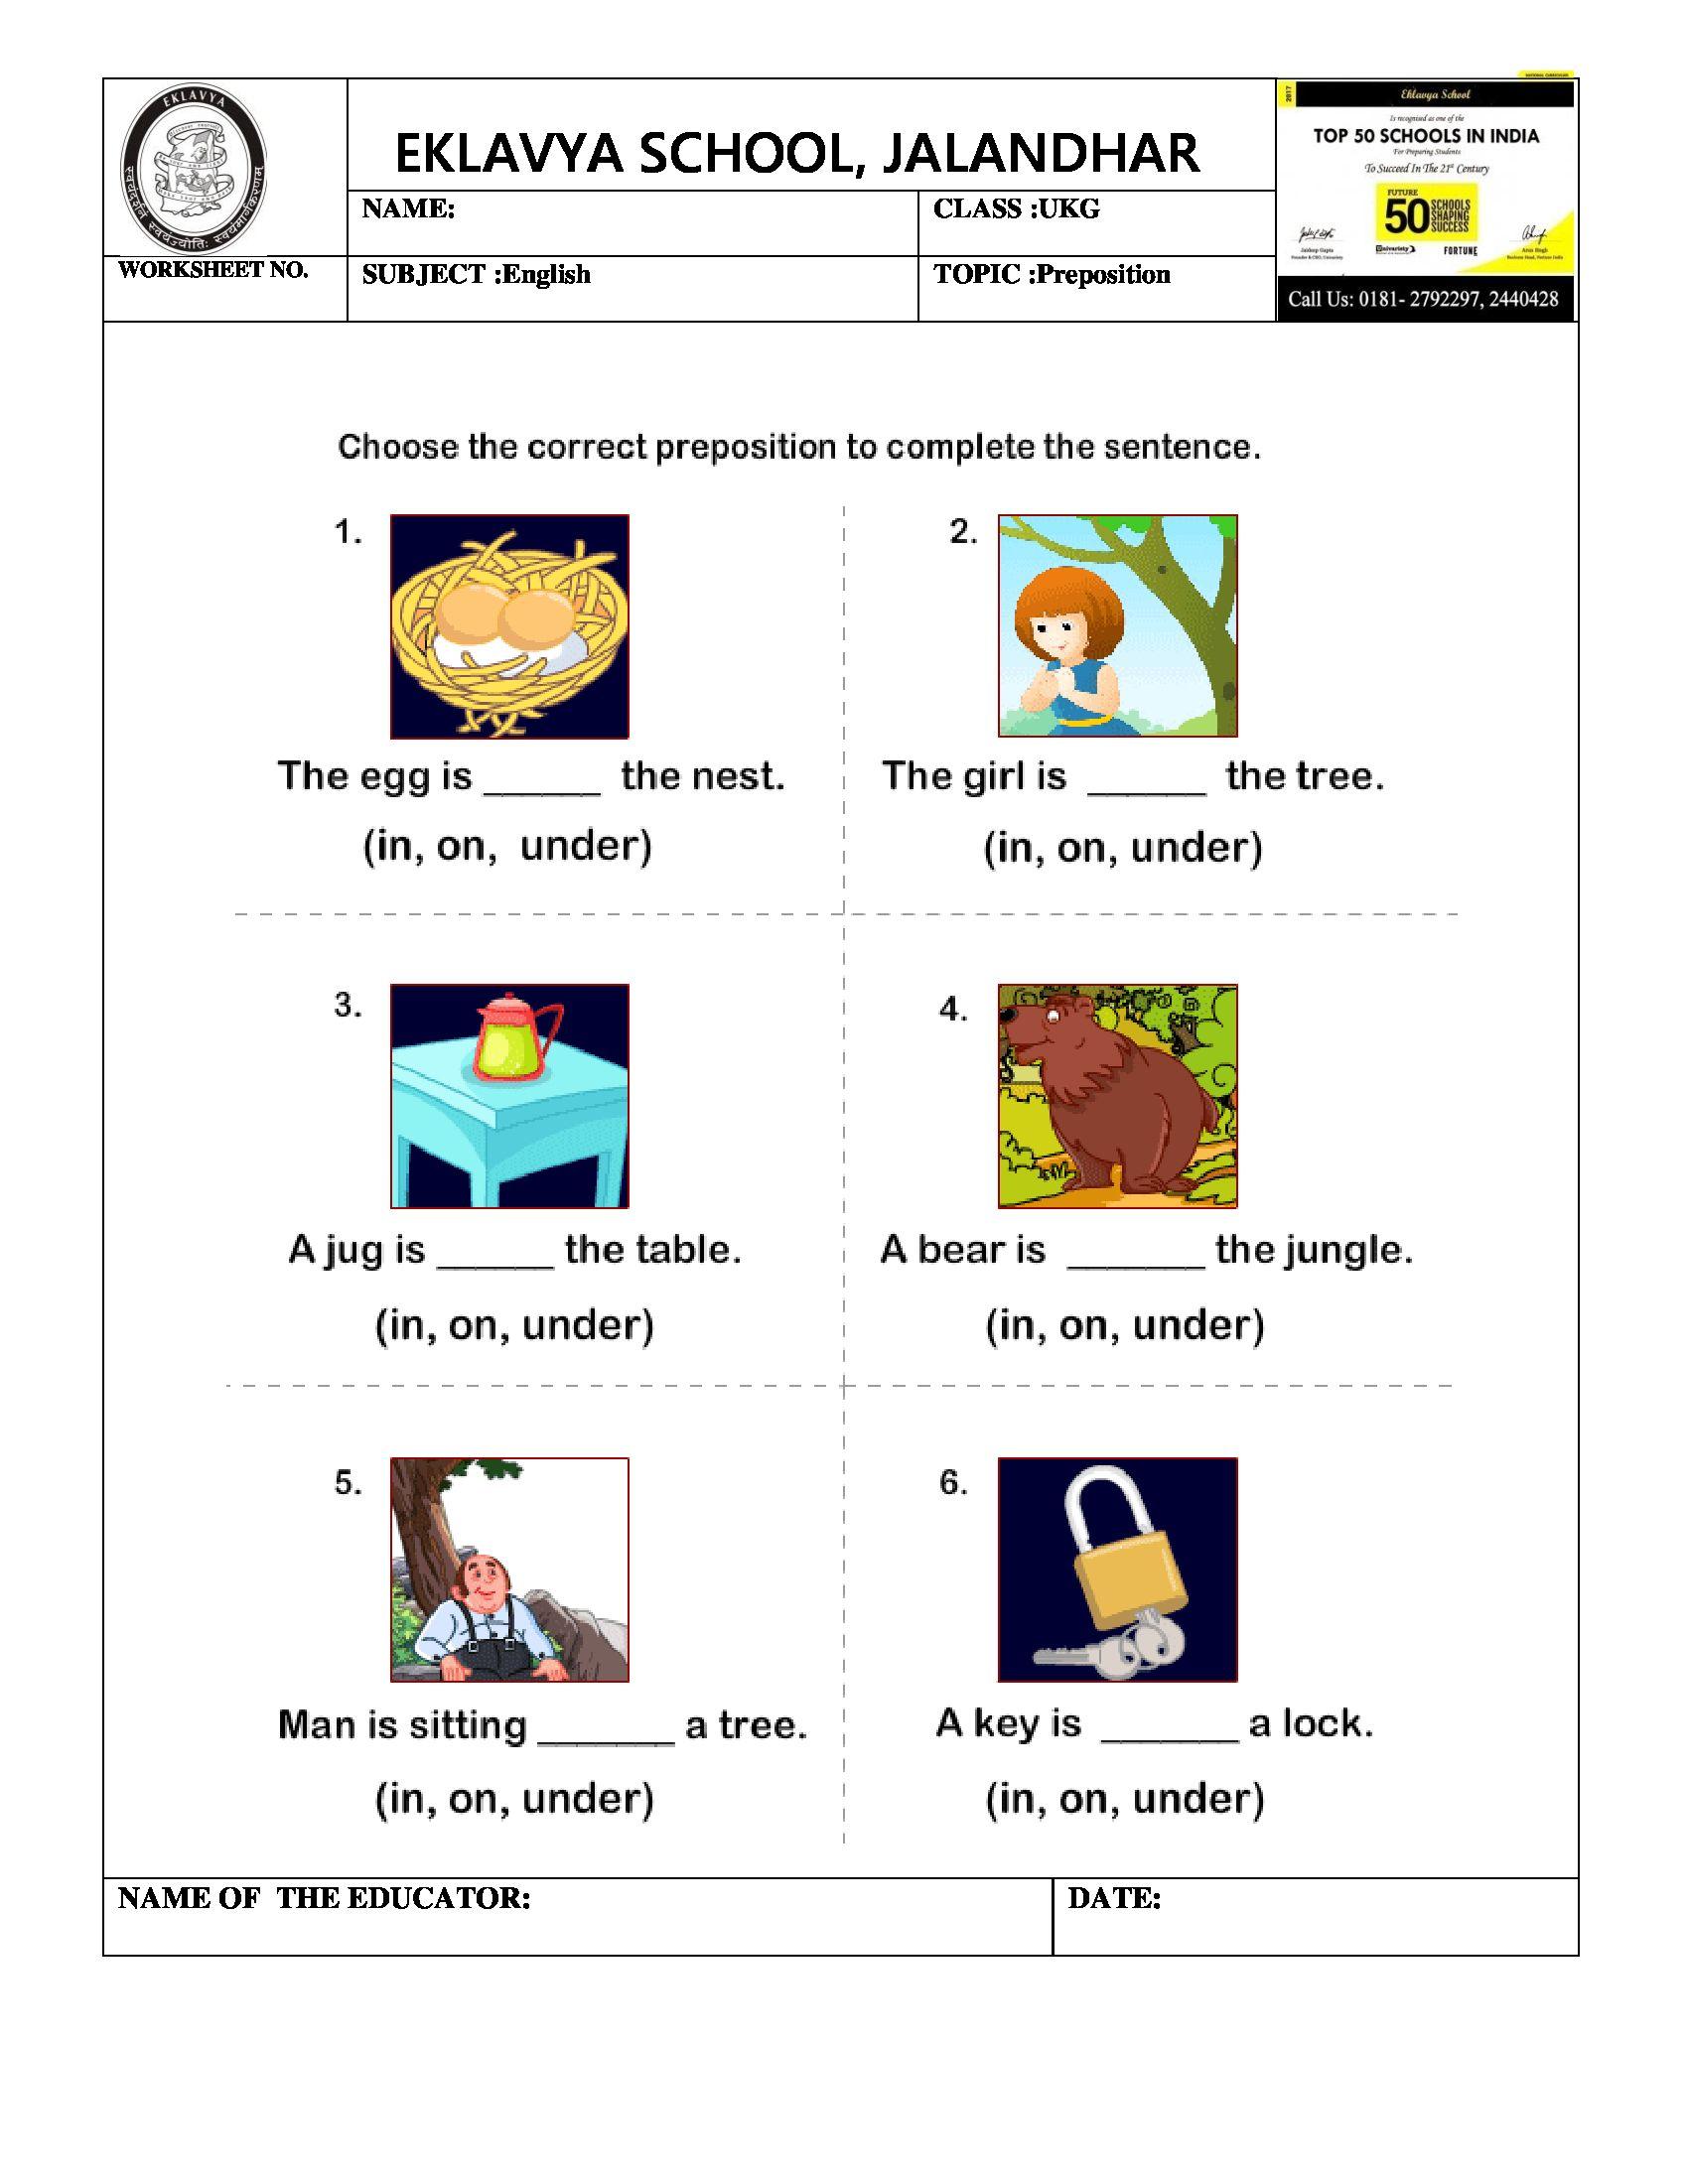 Worksheet On Preposition